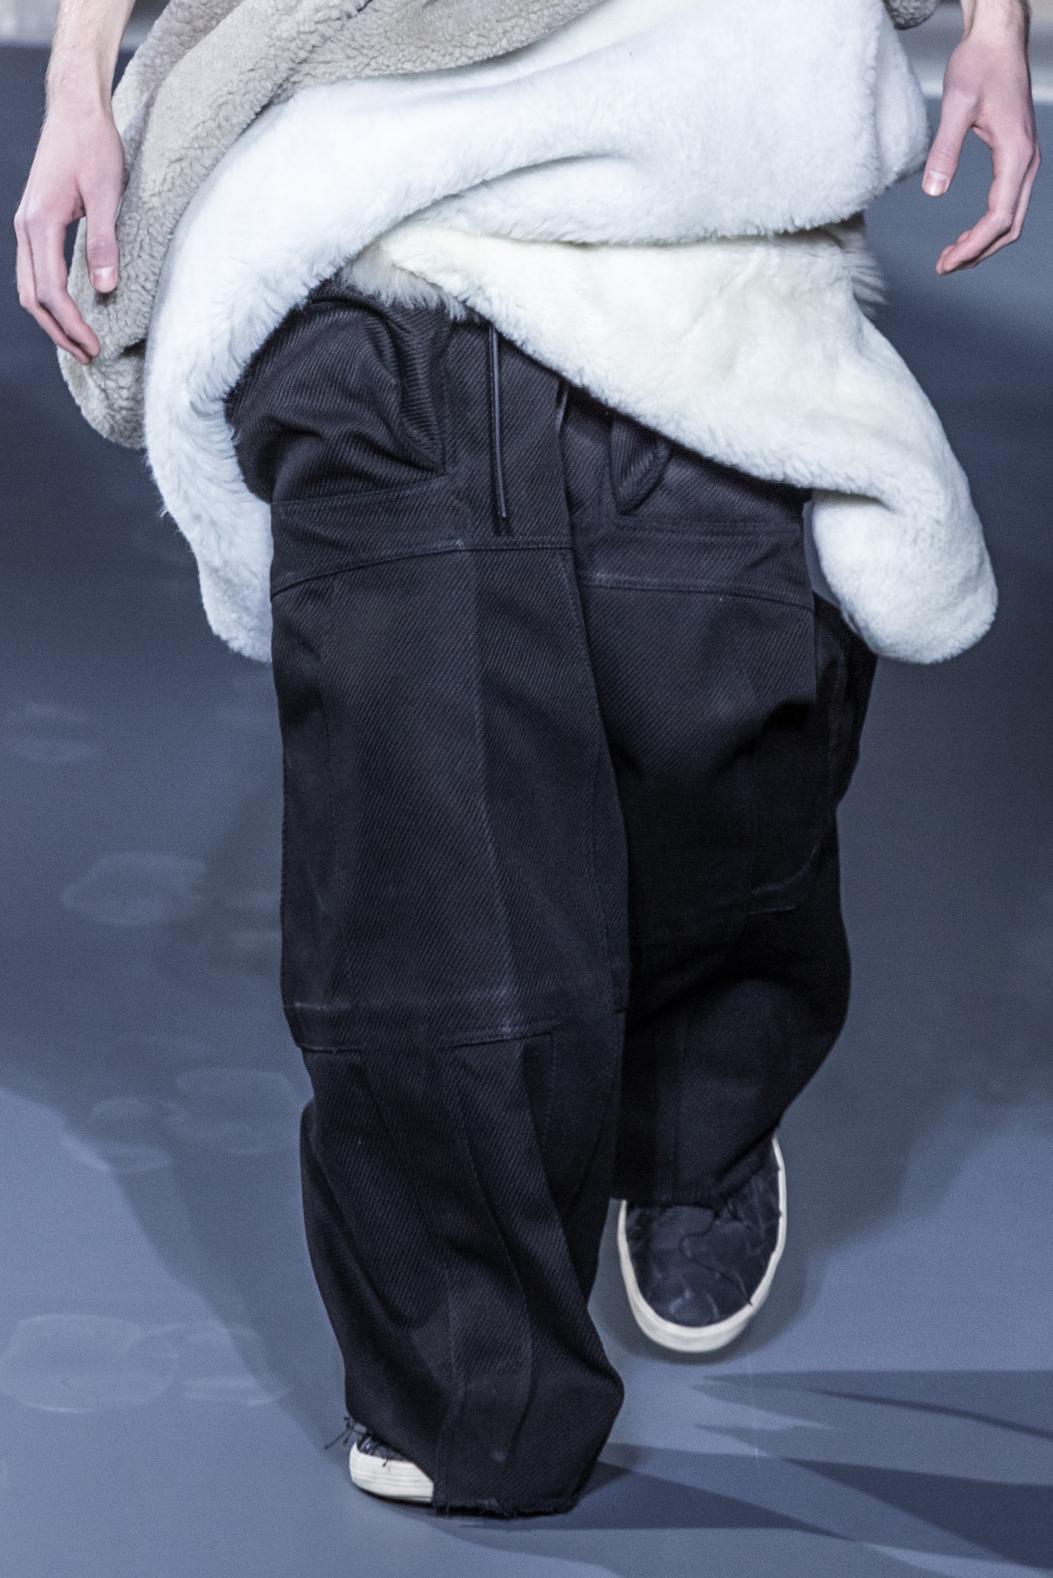 Original look 4 pants